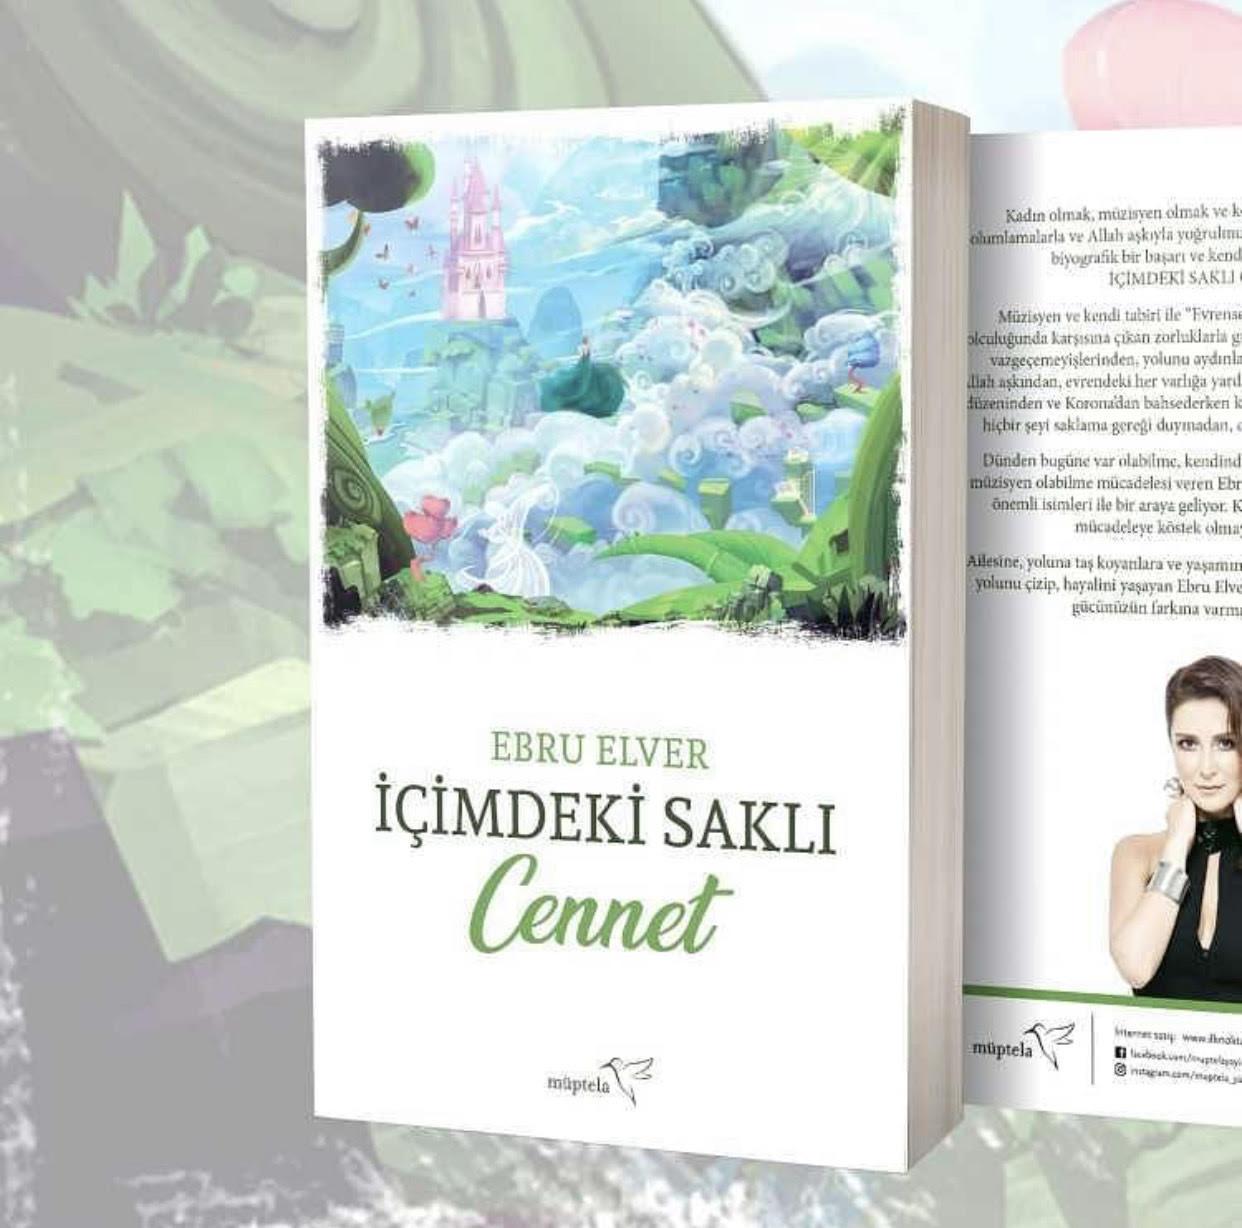 Ebru Elver'in 'İçimdeki Saklı Cennet' kitabı çıktı! Geliri ihtiyaç sahiplerine bağışlanacak